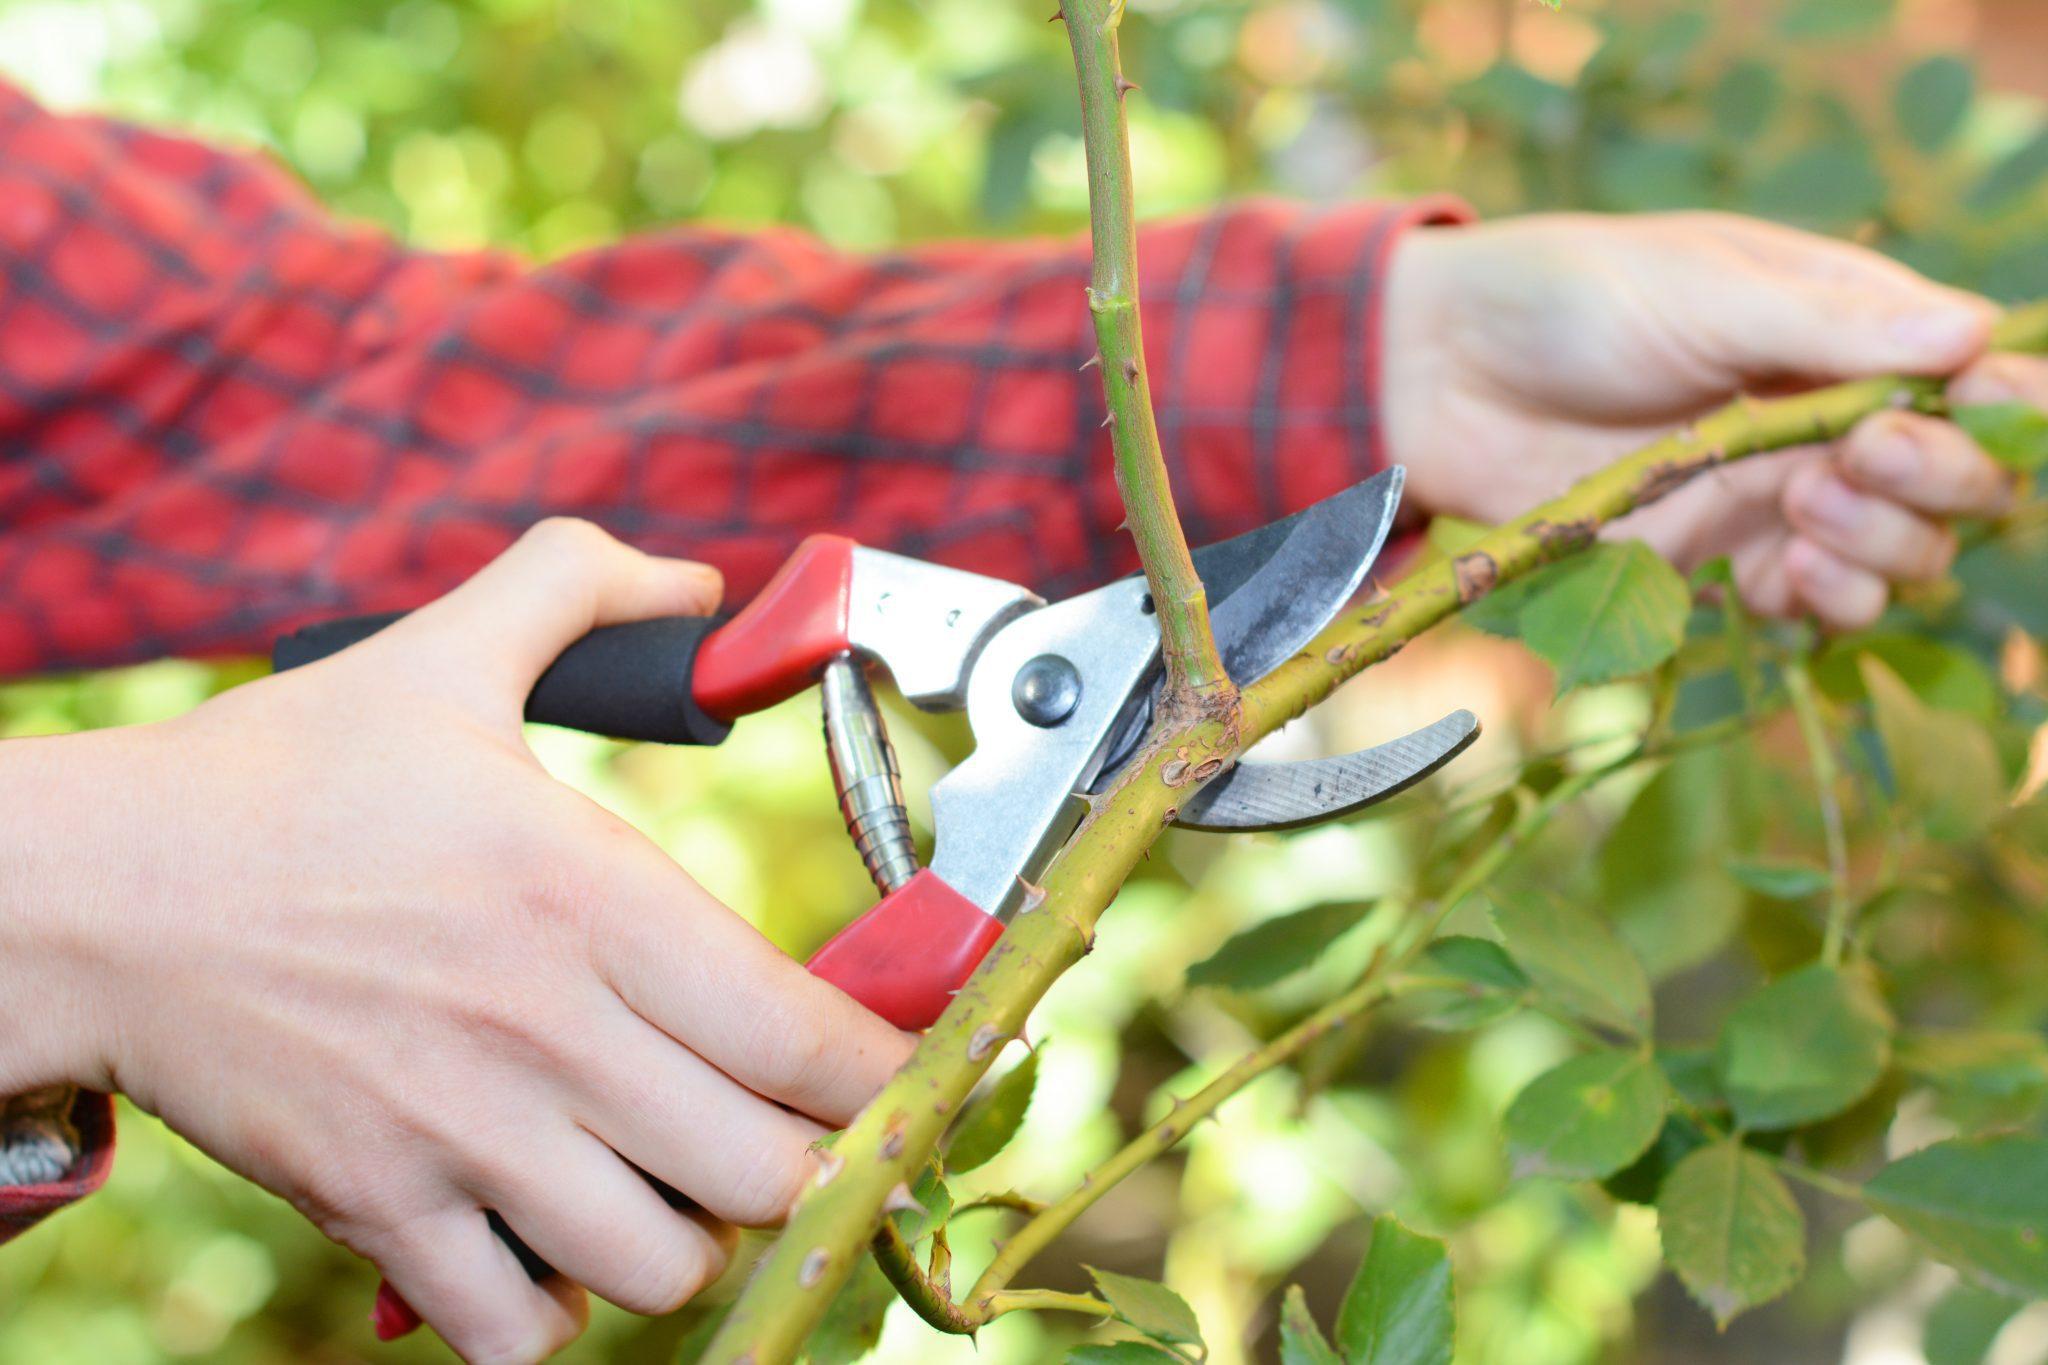 Pruning a rose bush